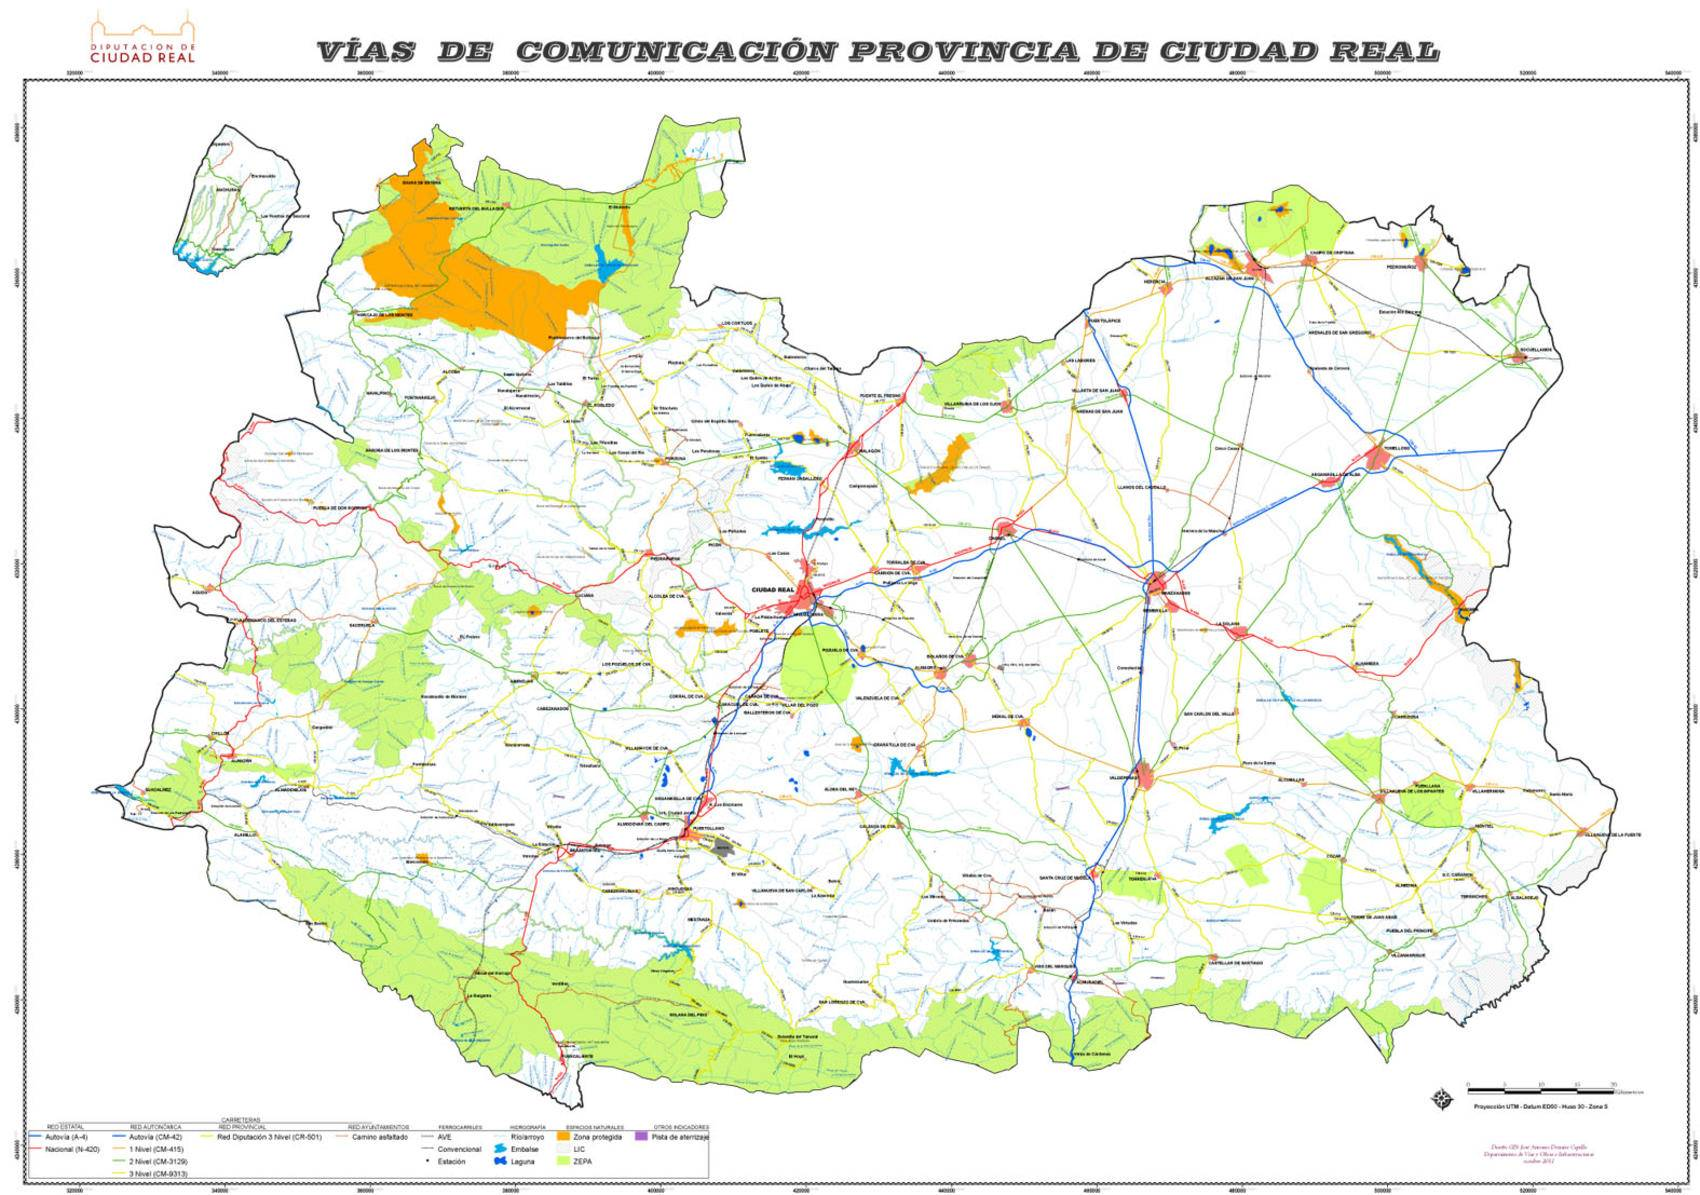 La diputaci n edita un mapa provincial de carreteras - Plano de ciudad real ...